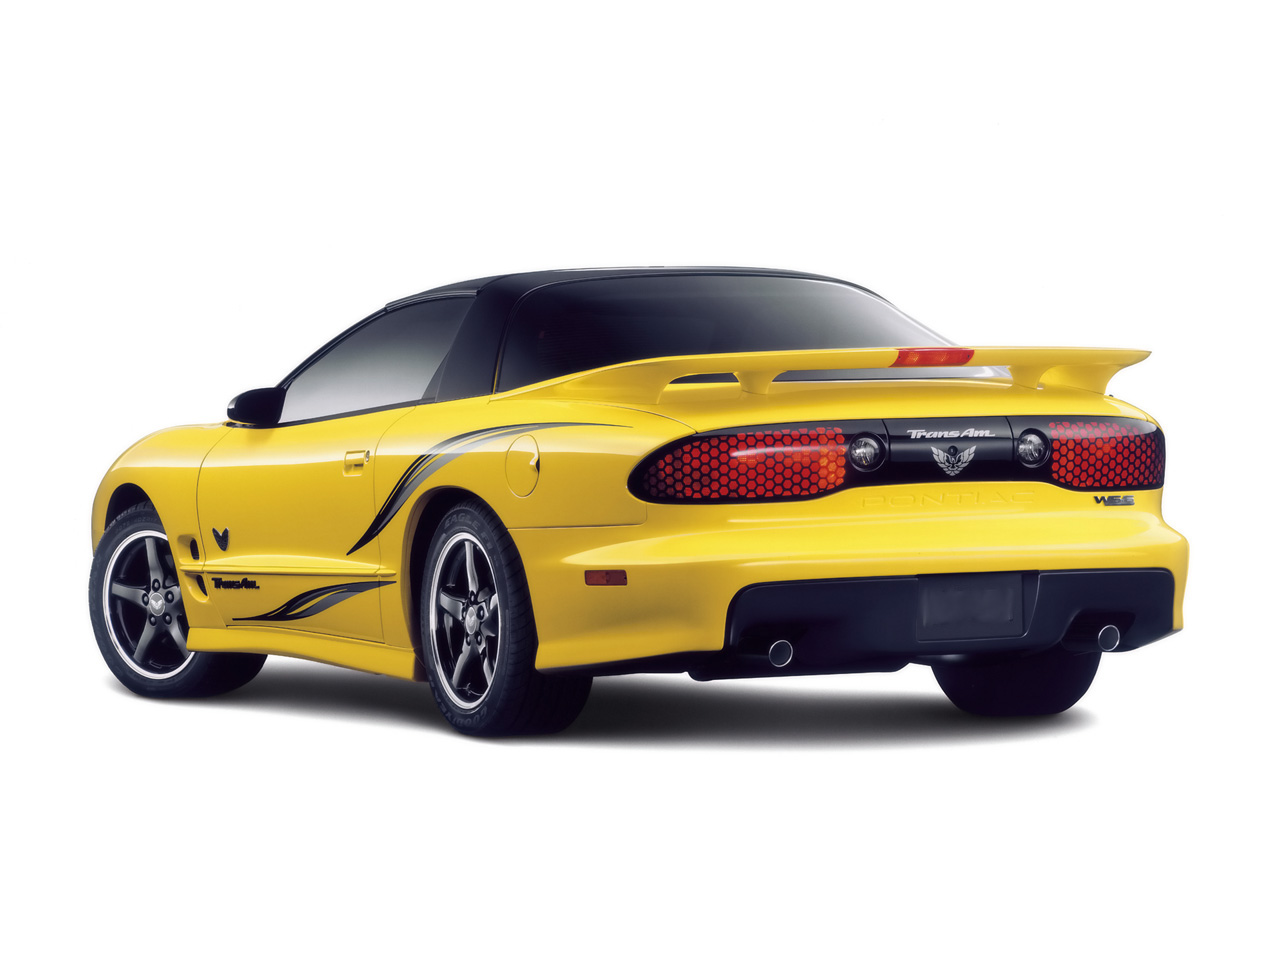 Home Make Pontiac 2002 Pontiac Trans AM Collector Edition Stripes and ...